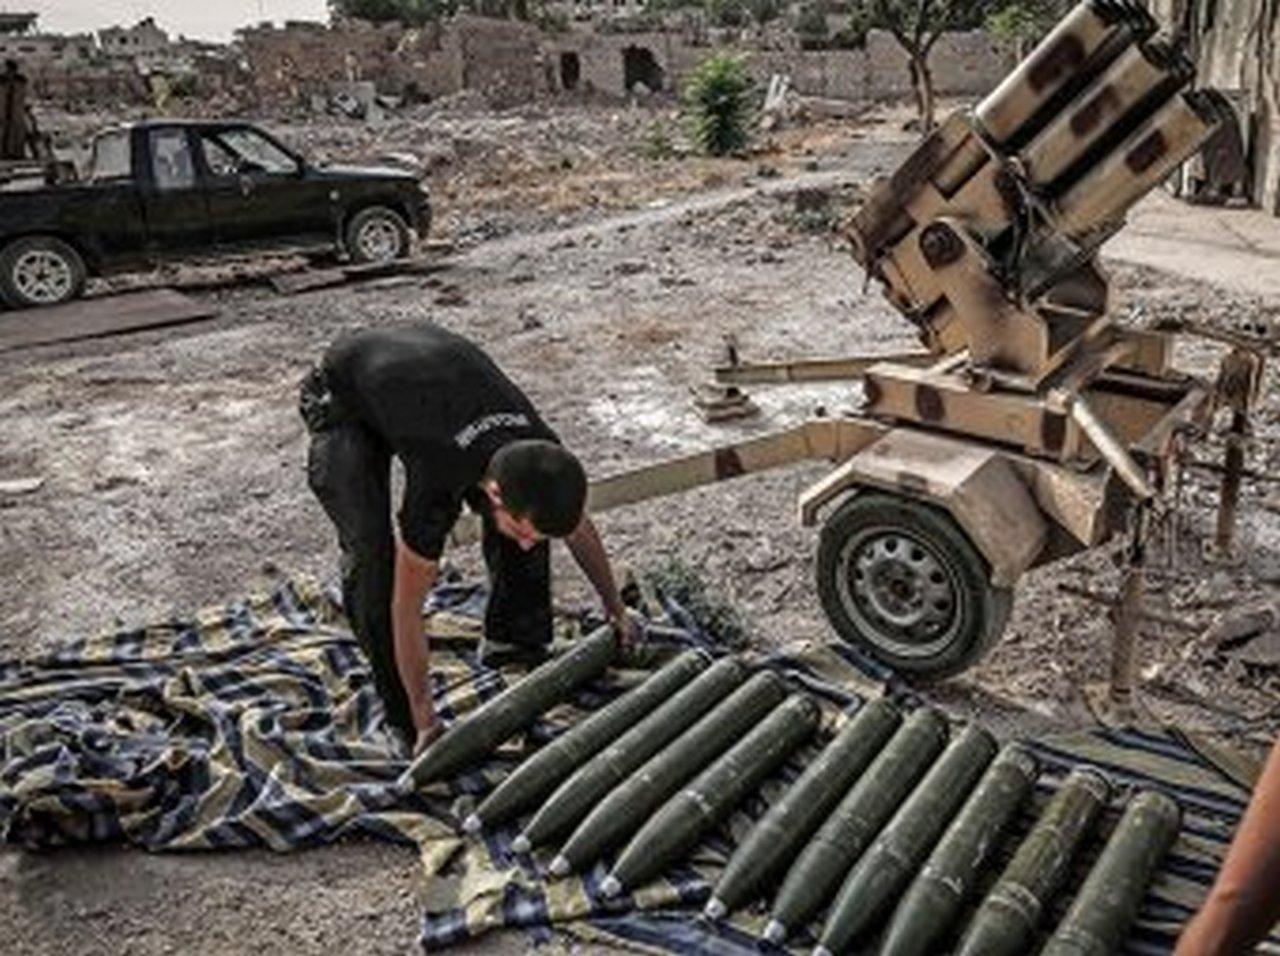 США поставляют болгарское оружие террористам через Саудовскую Аравию